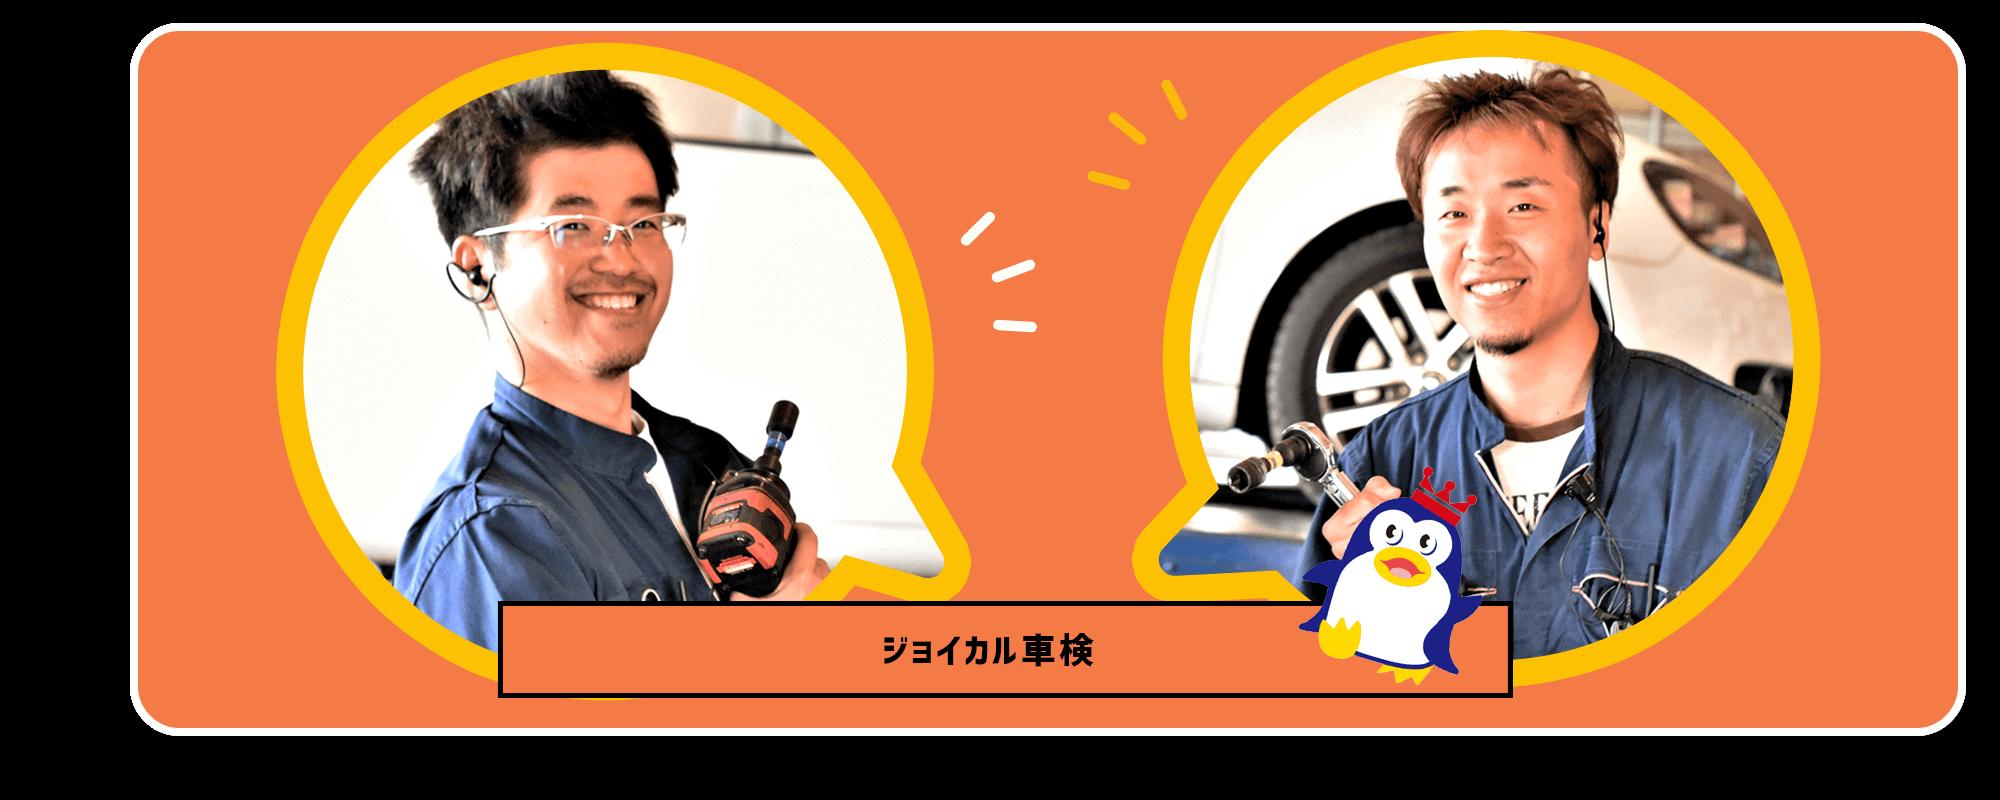 ジョイカル車検